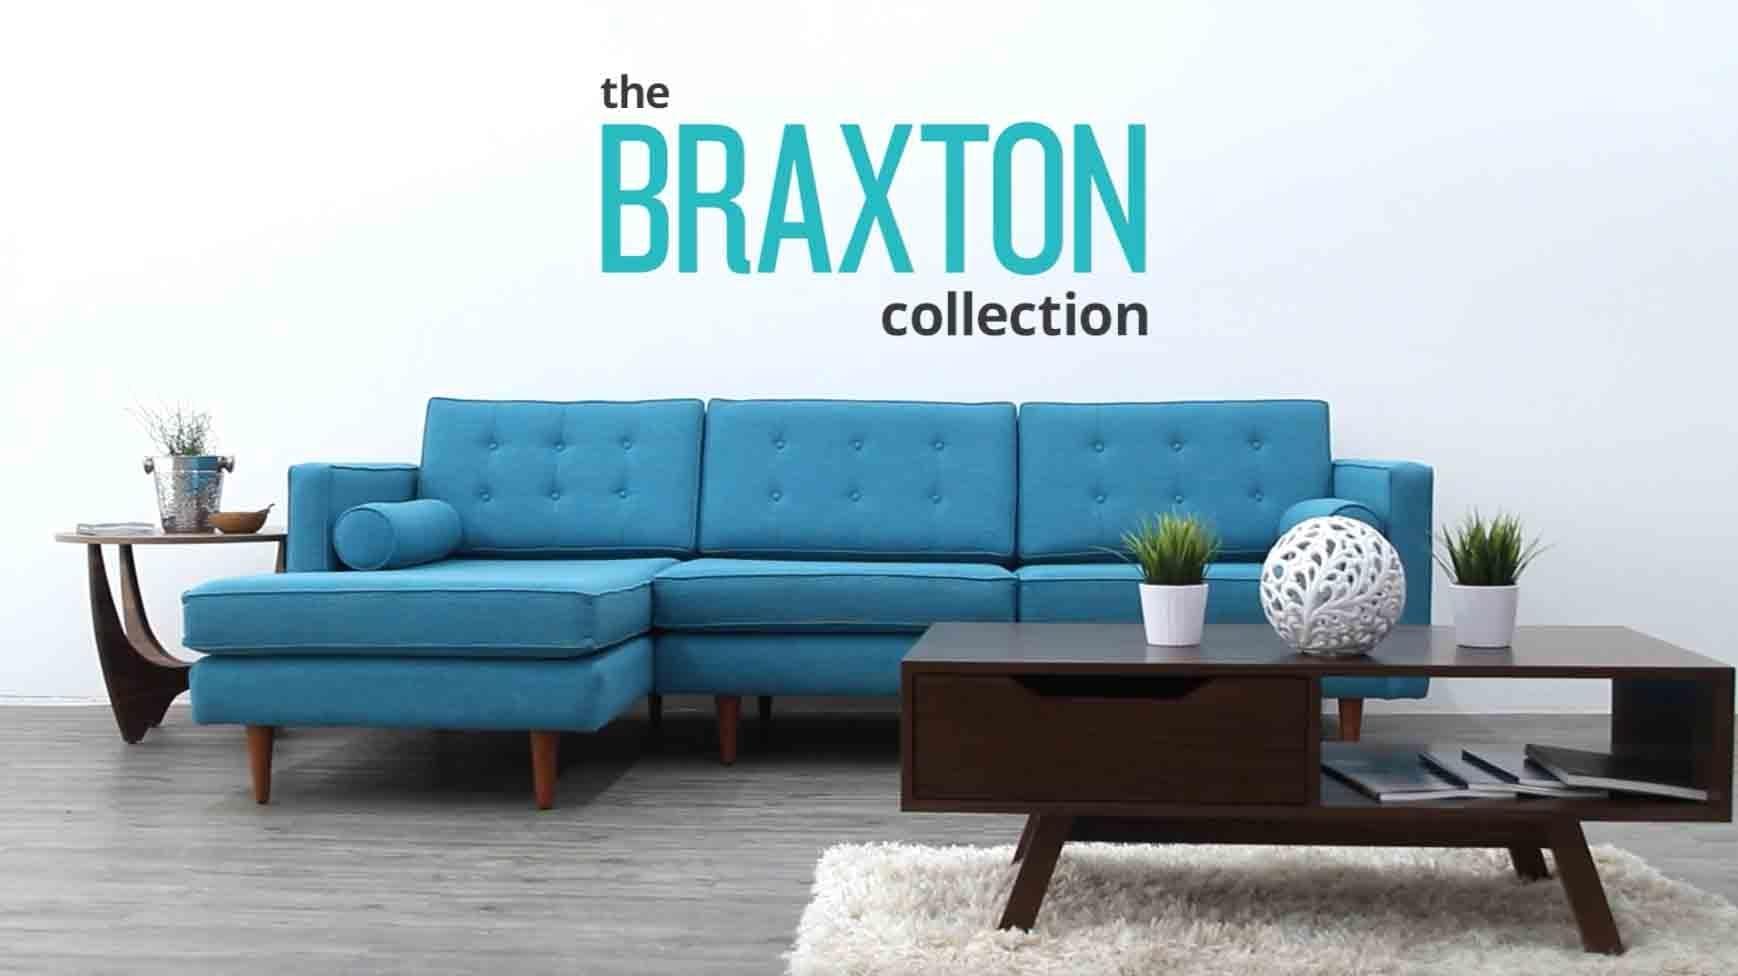 Braxton Sofa | Joybird For Braxton Sofas (Image 12 of 20)